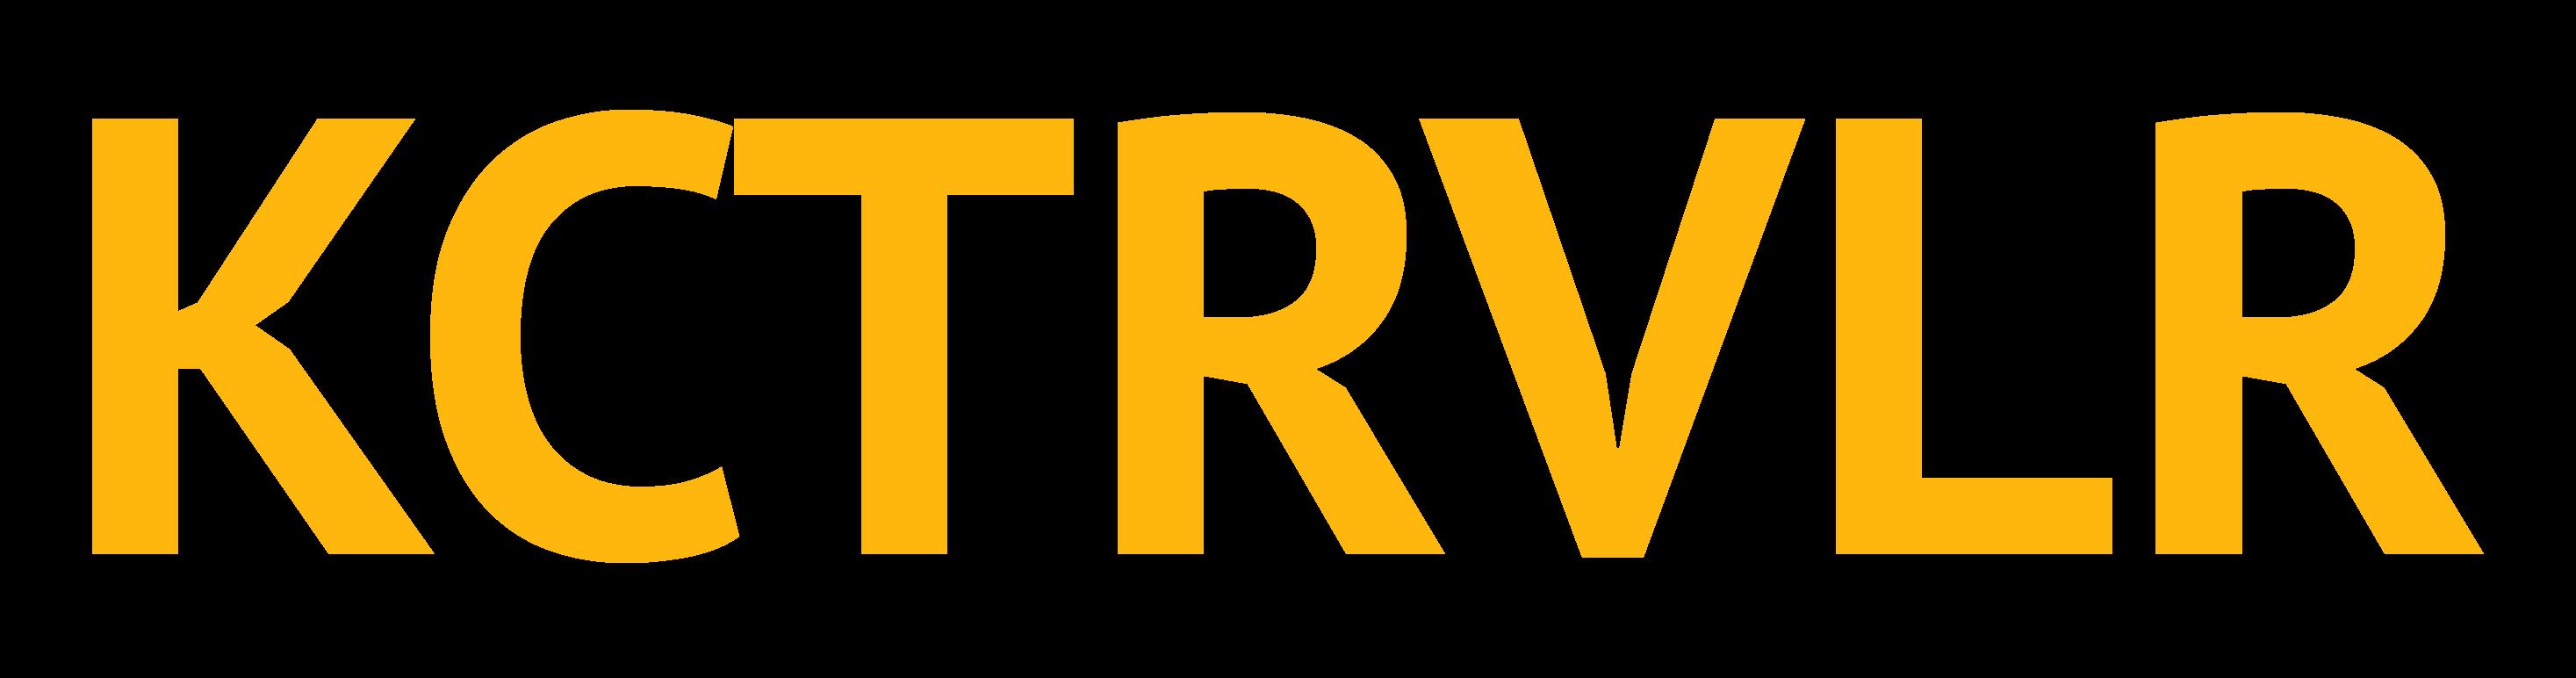 KCTRVLR Logo